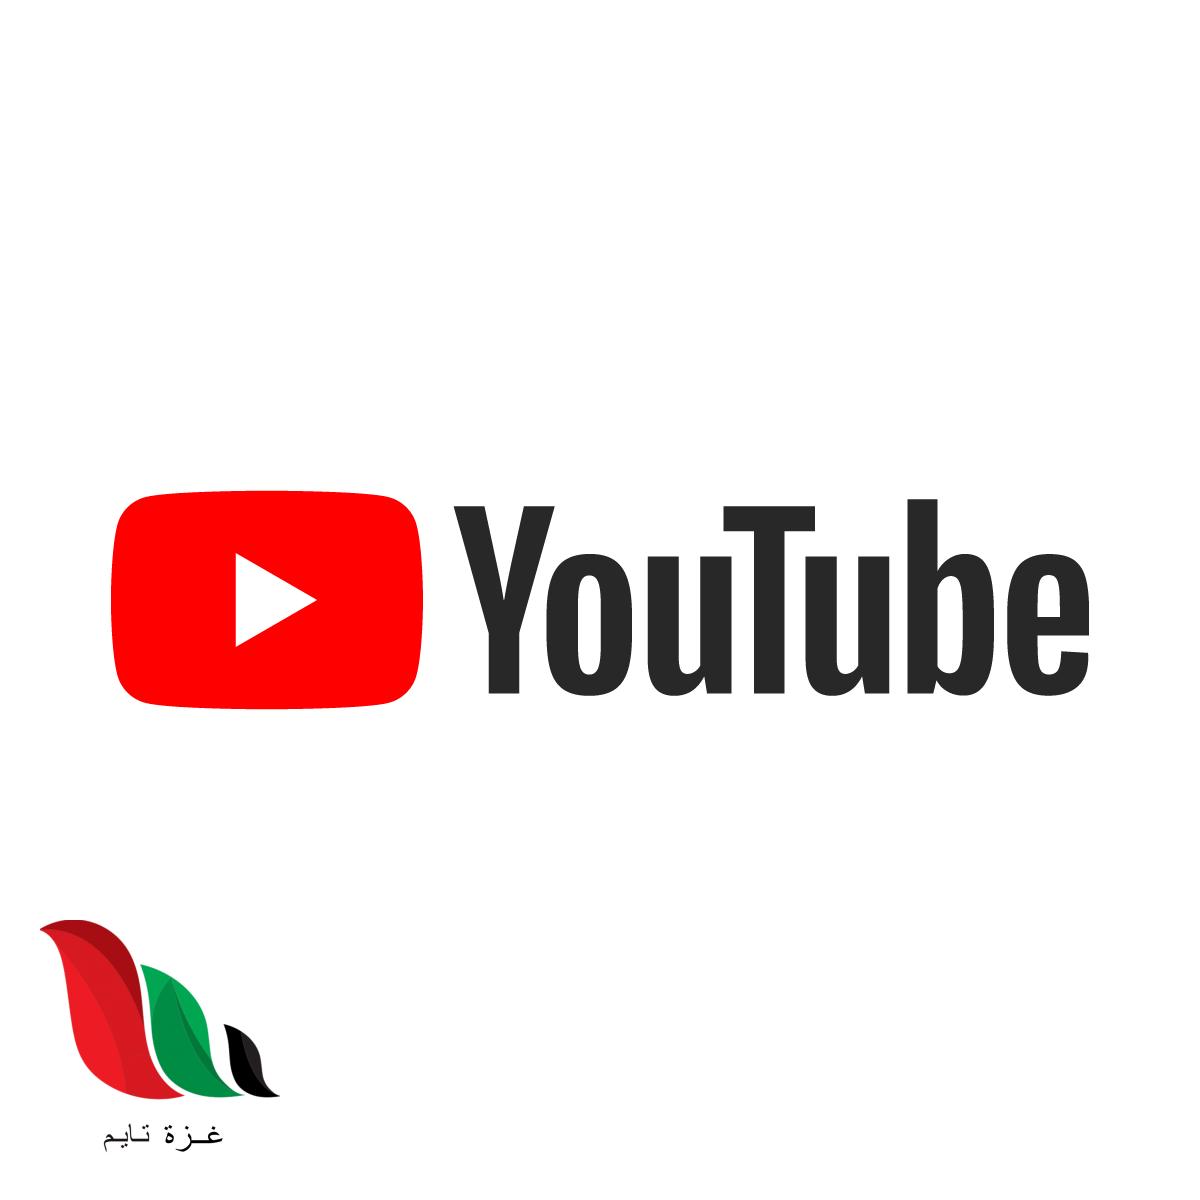 سبب مشكلة توقف يوتيوب وأدوات جوجل عن العمل